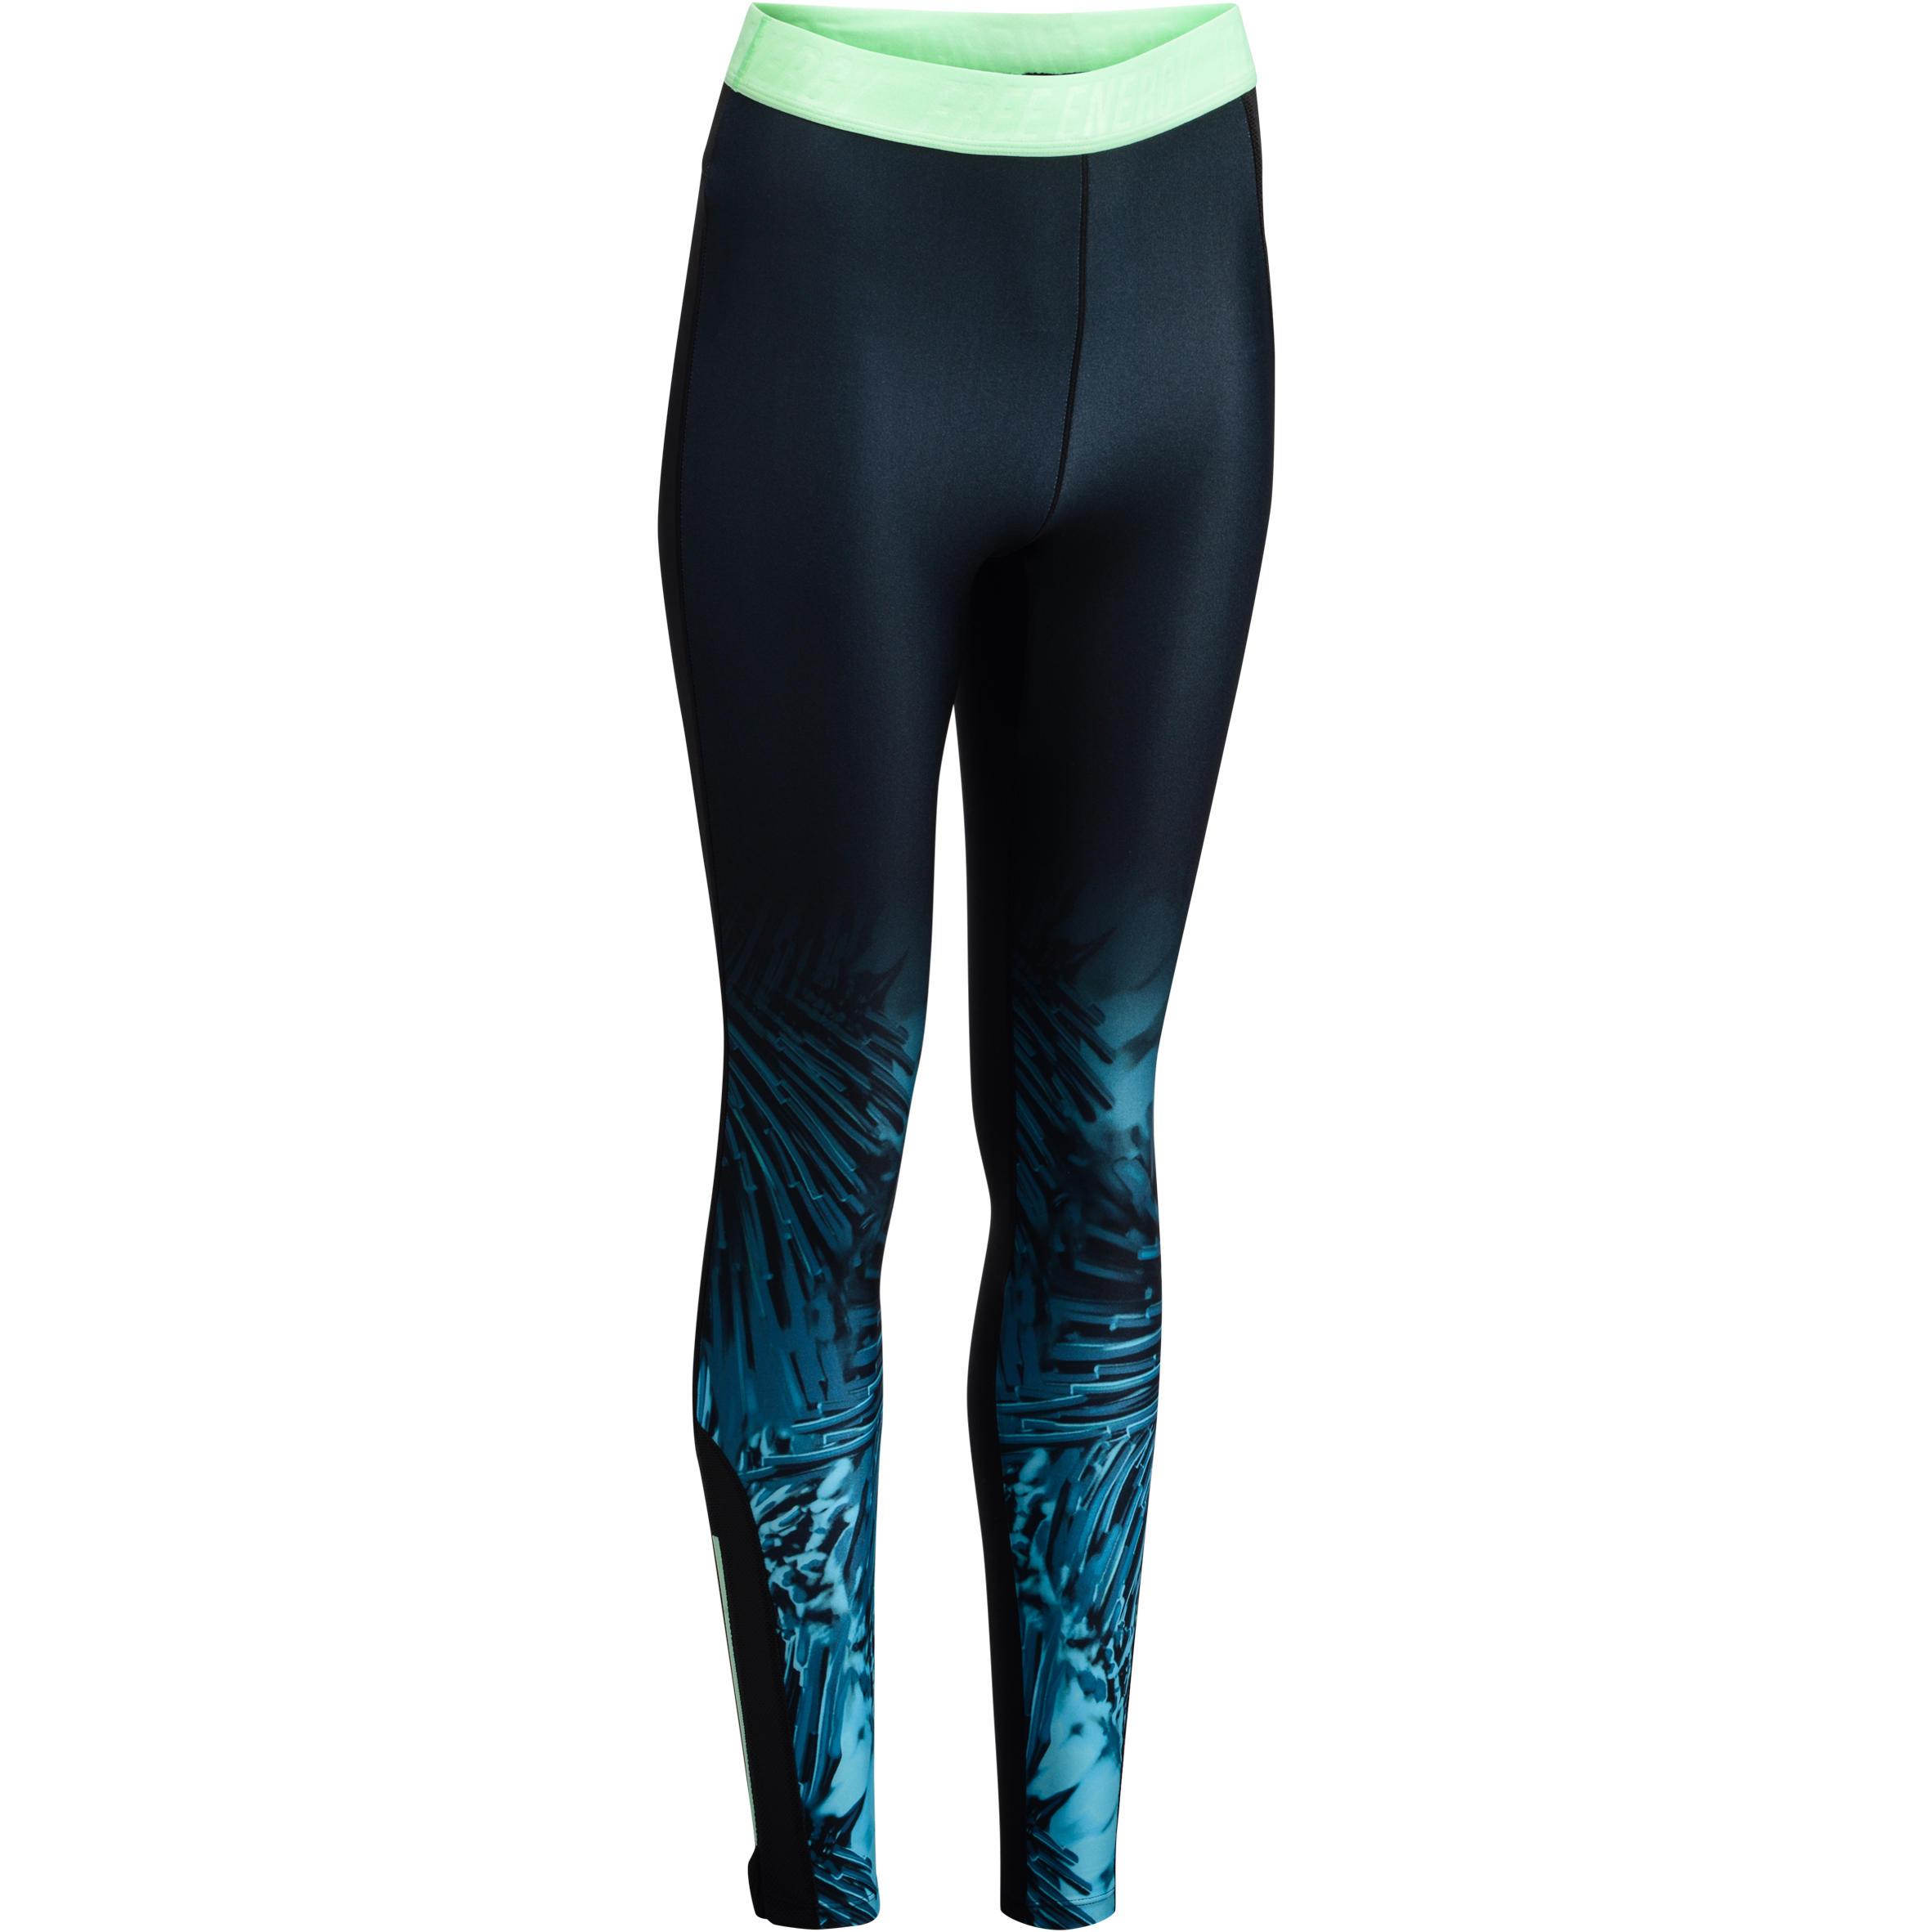 Leggings fitness cardio mujer negro con estampados tropicales azules 500 Domyos